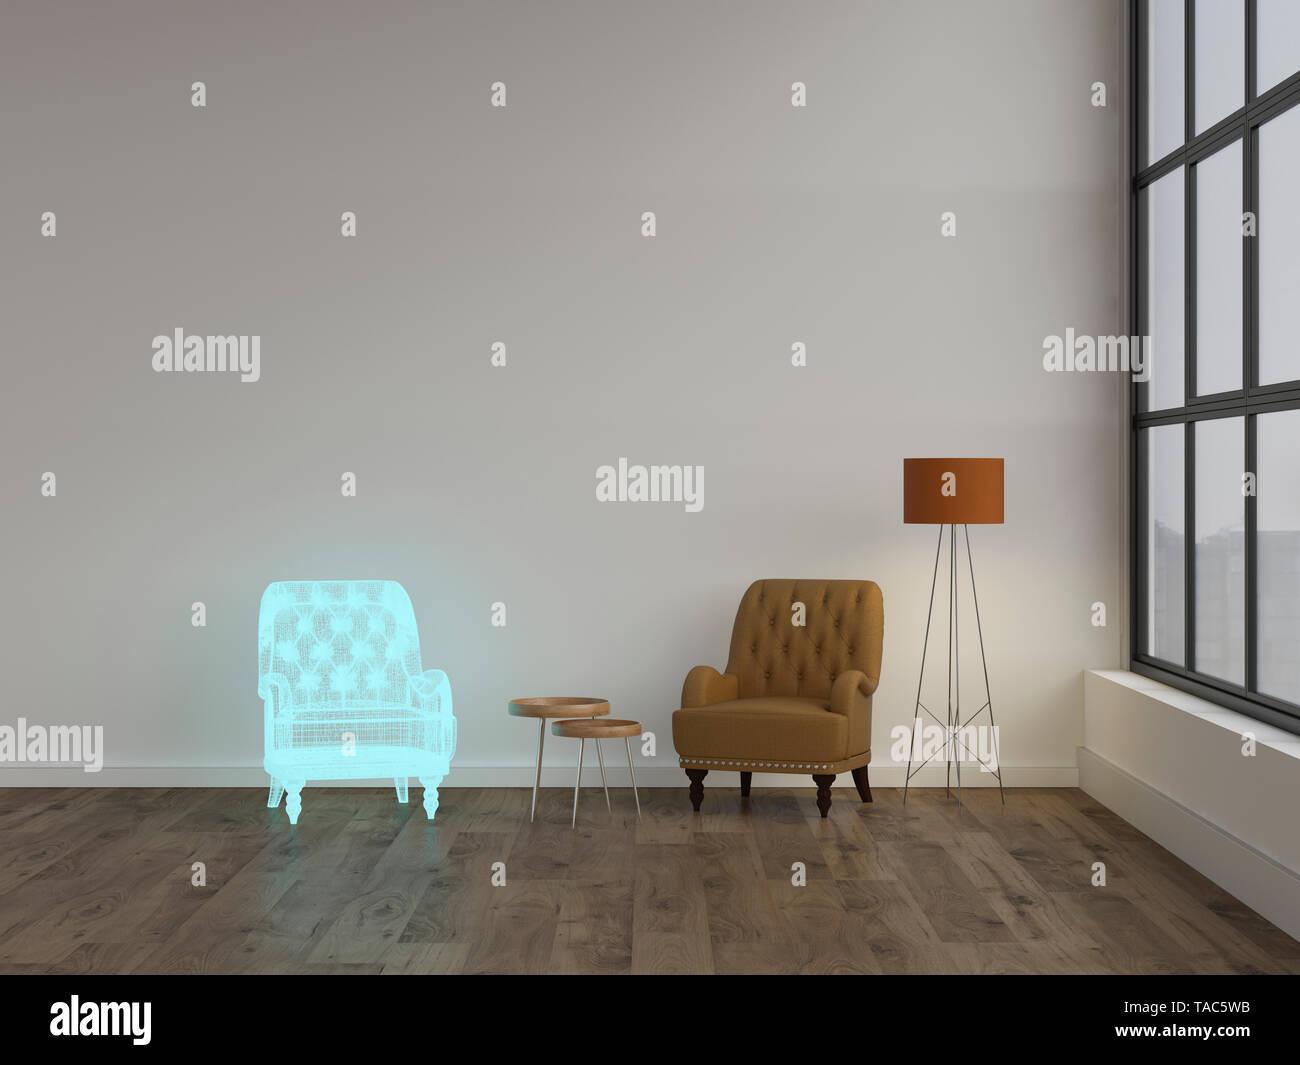 3D rendering, Hologram of armchair in modern living room ...